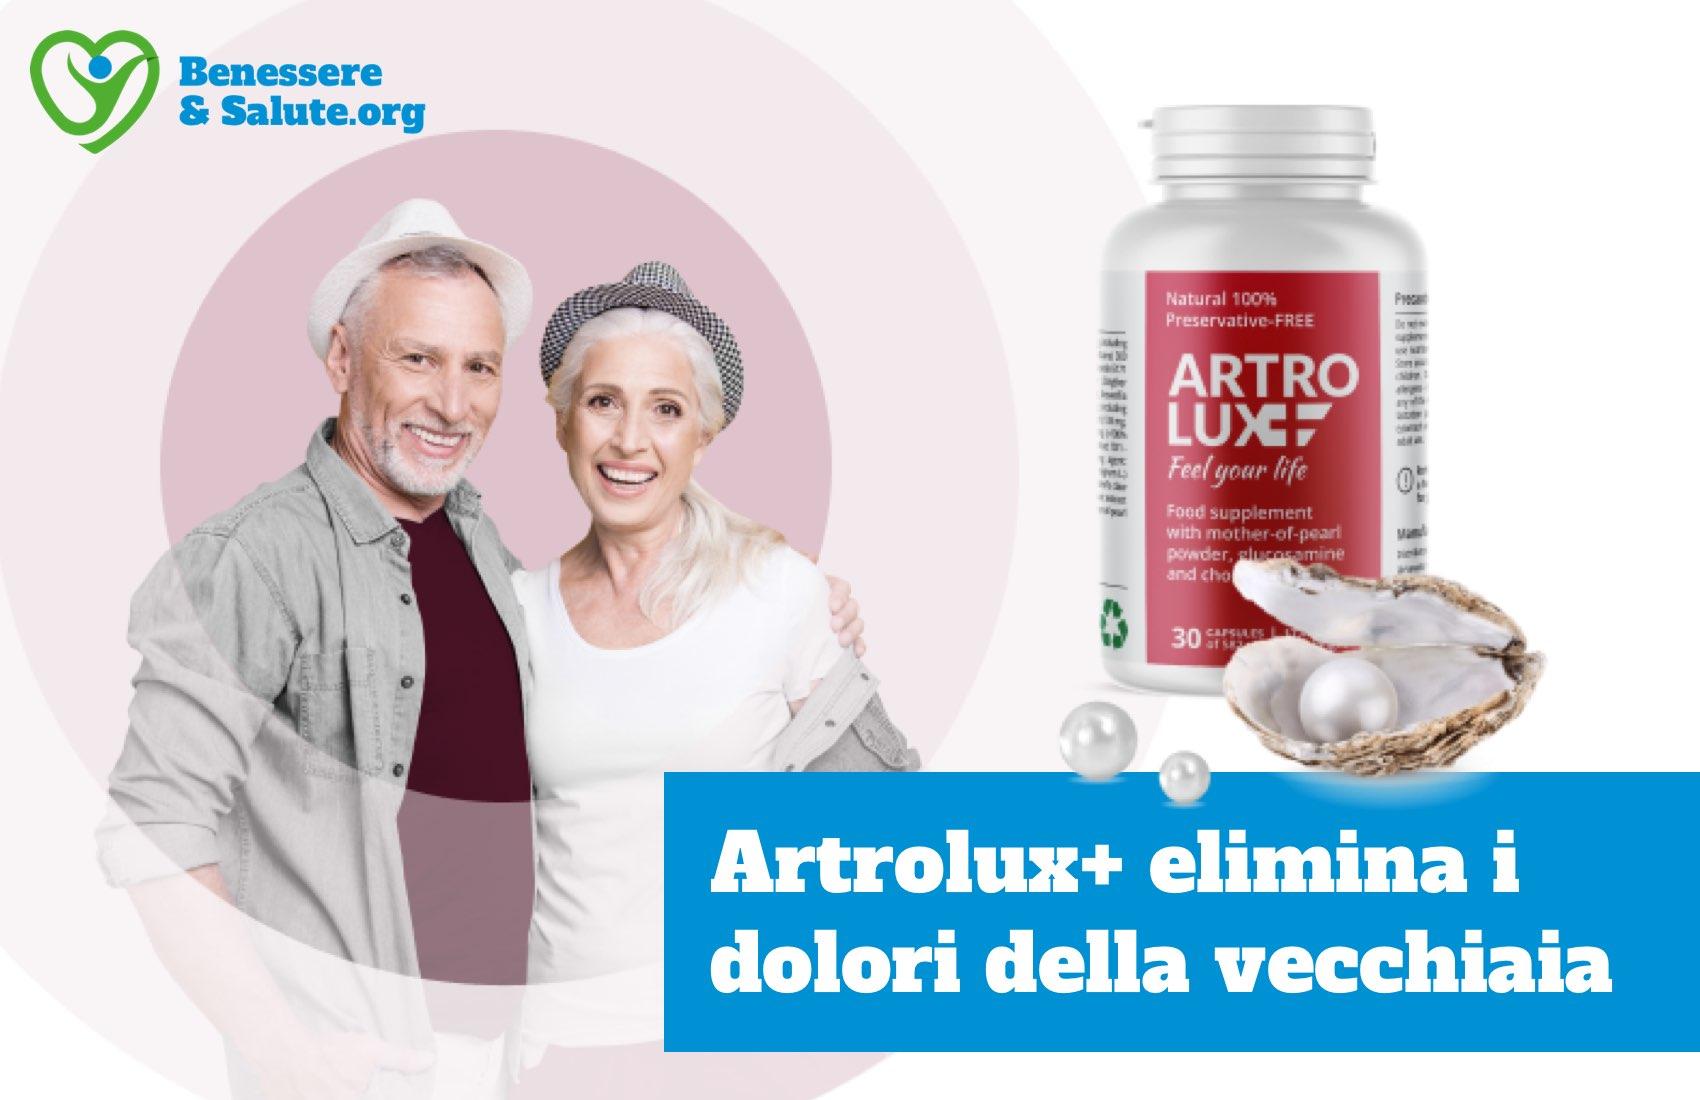 Artrolux elimina dolori vecchiaia